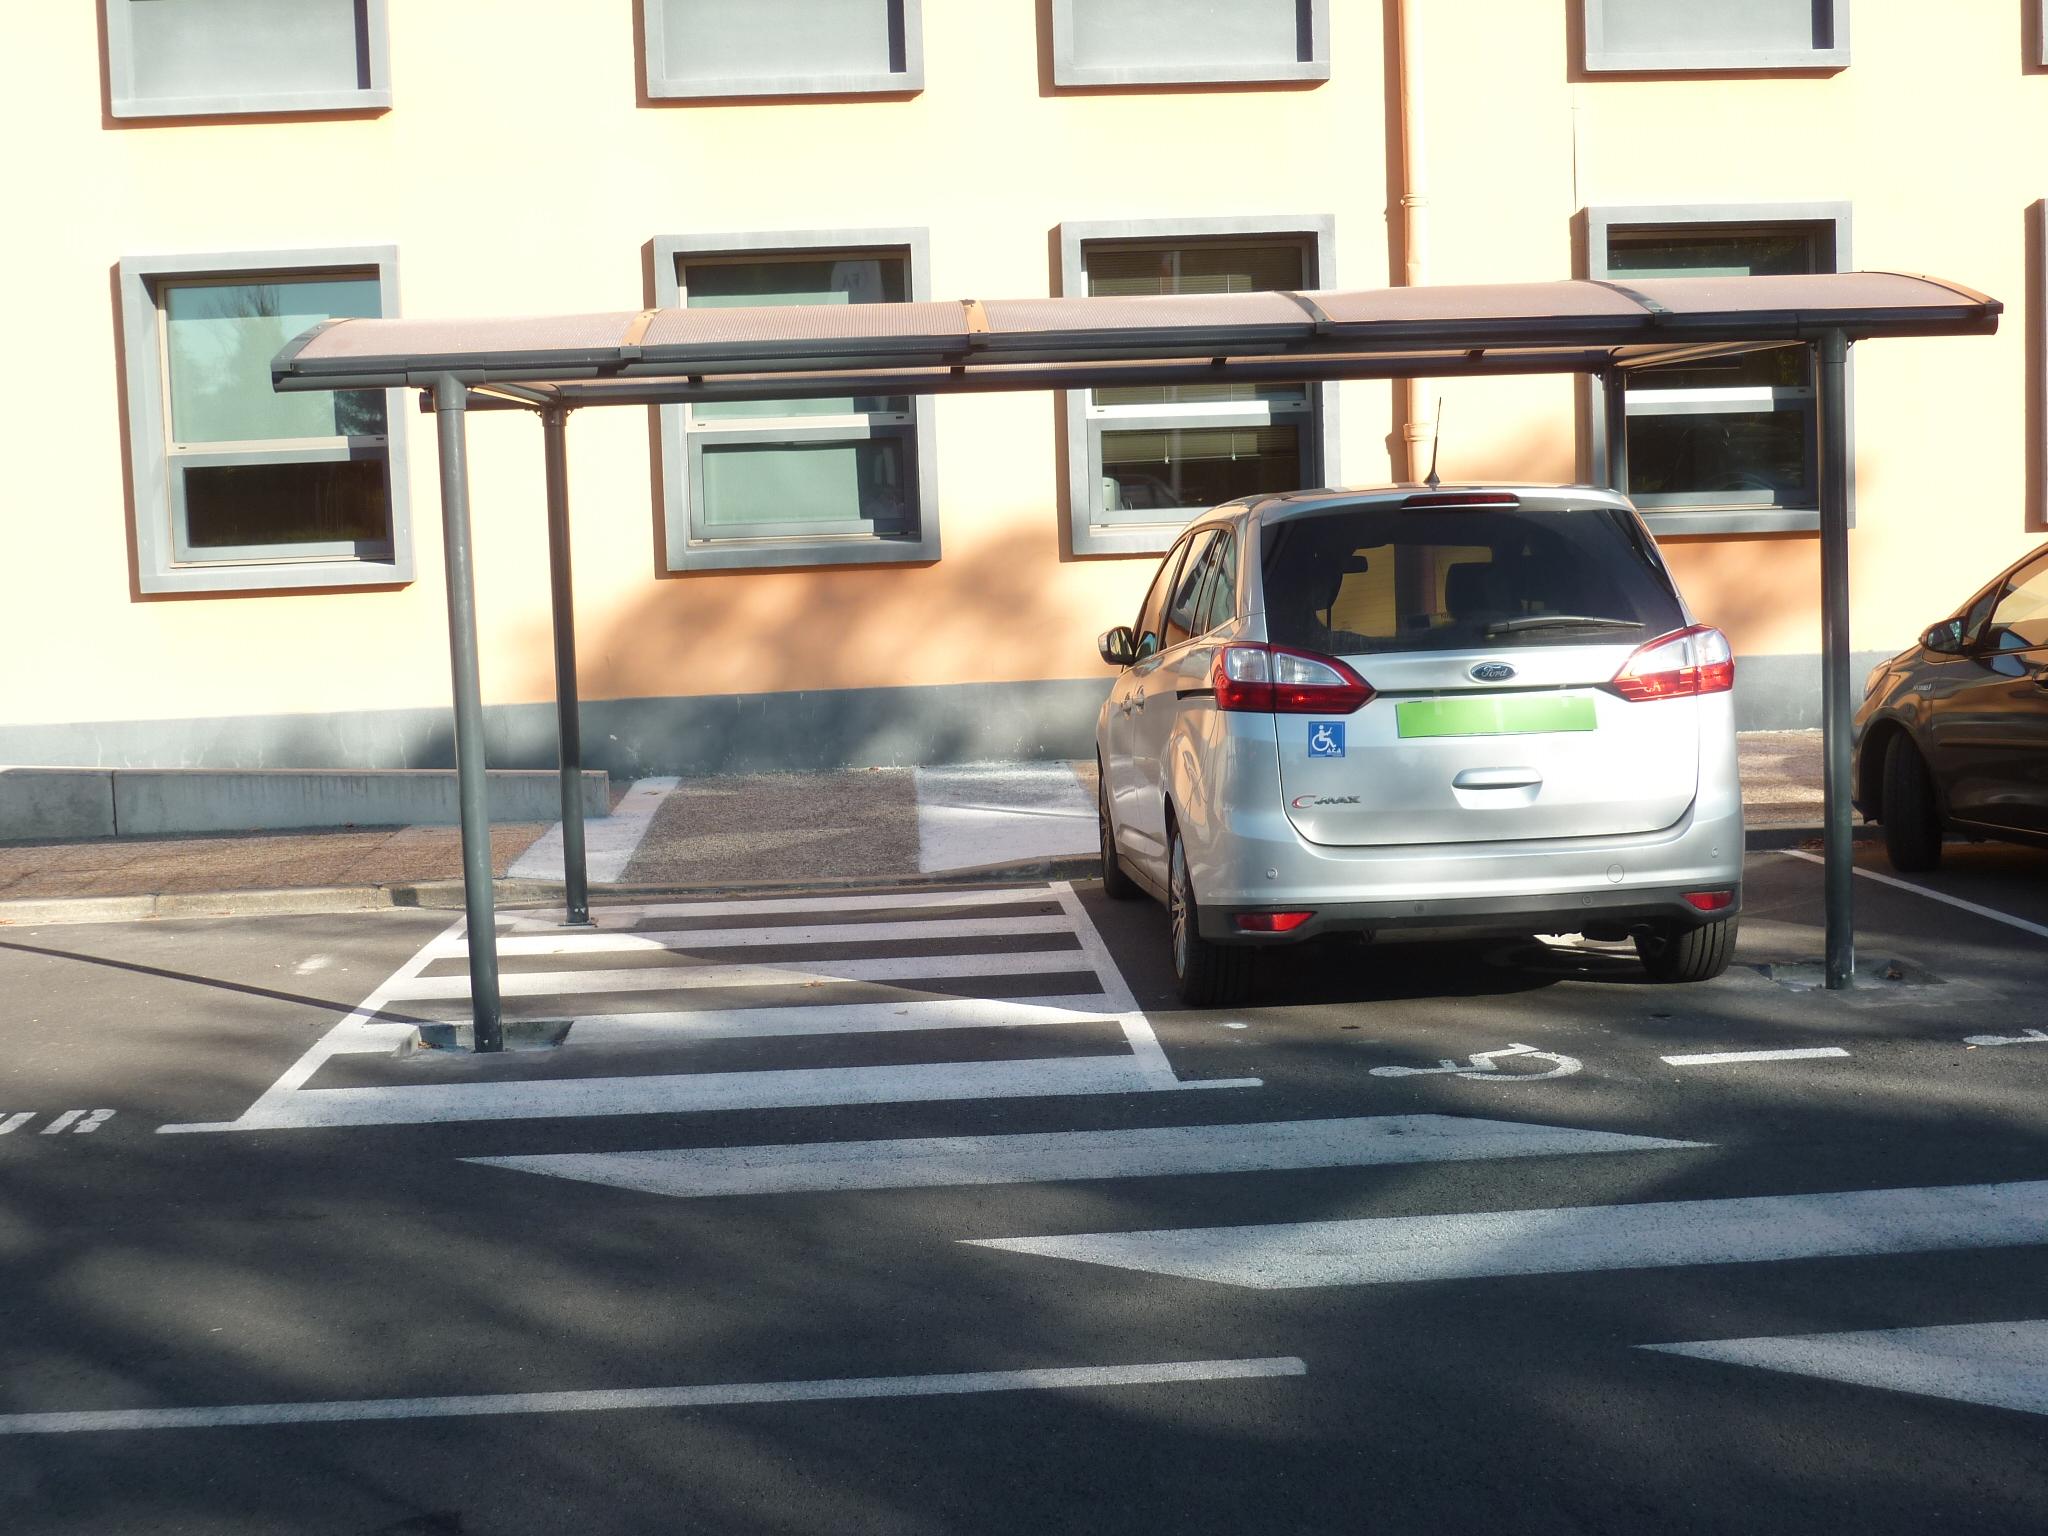 Abri voiture parking personne à mobilité réduite